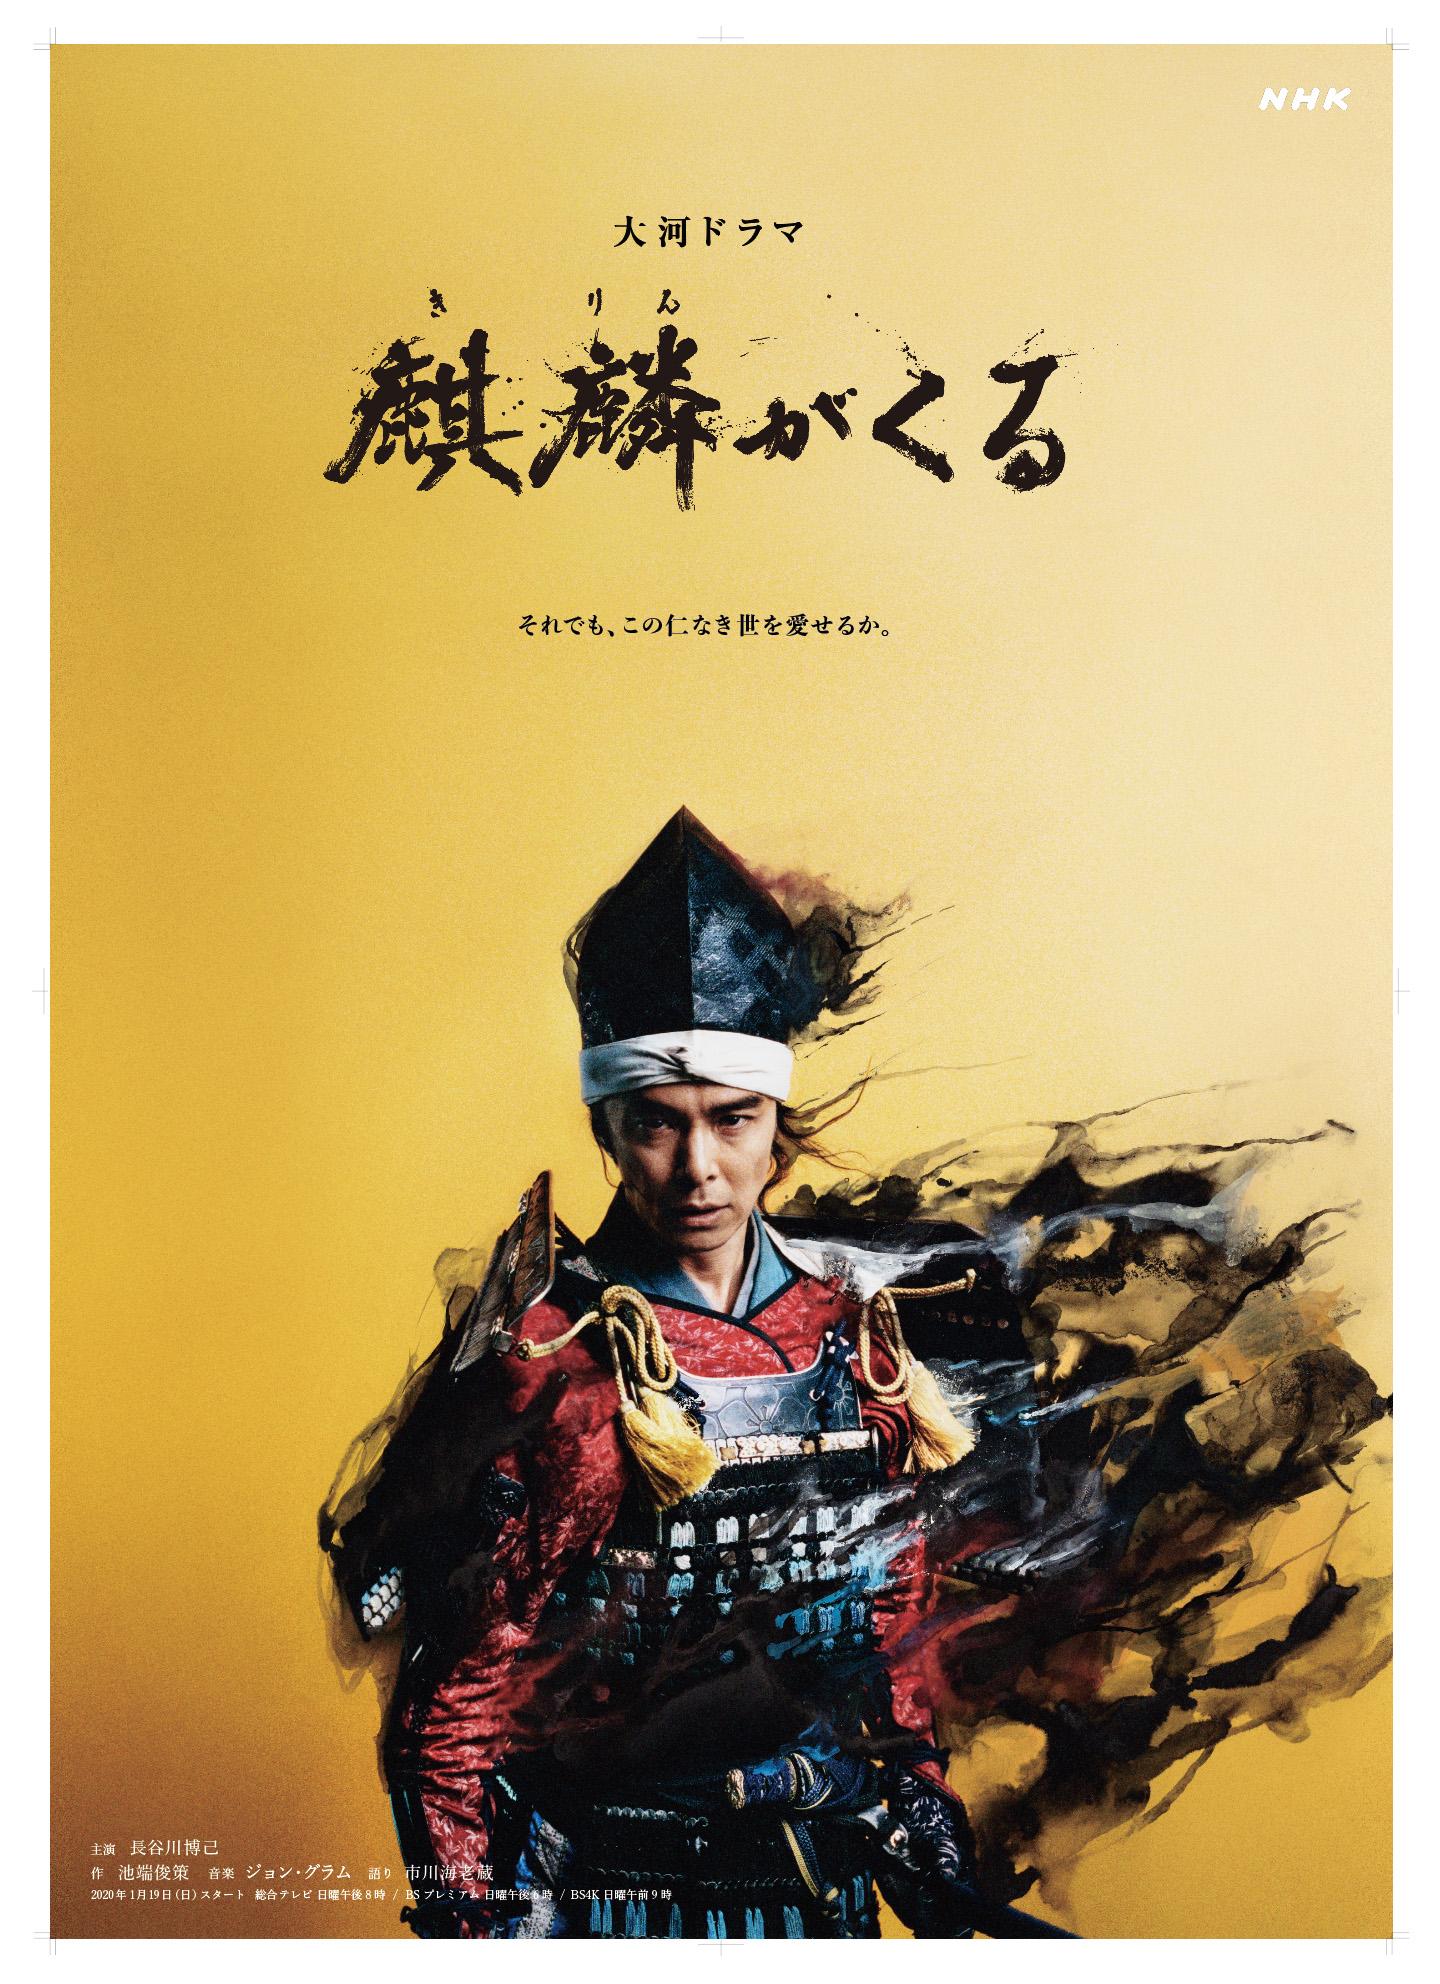 大河ドラマ『麒麟がくる』|主演:長谷川博己